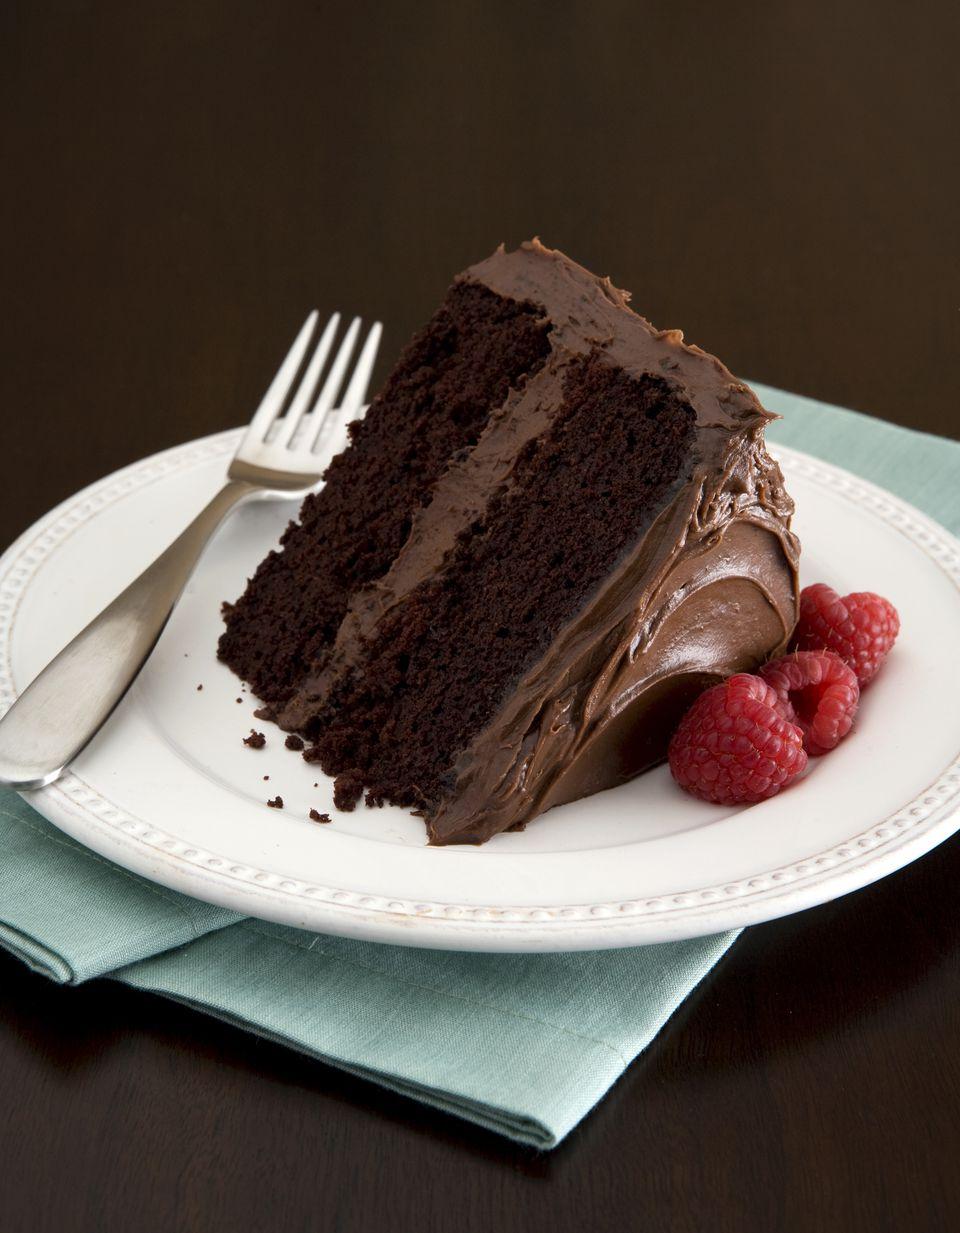 El último pastel de chocolate Pareve